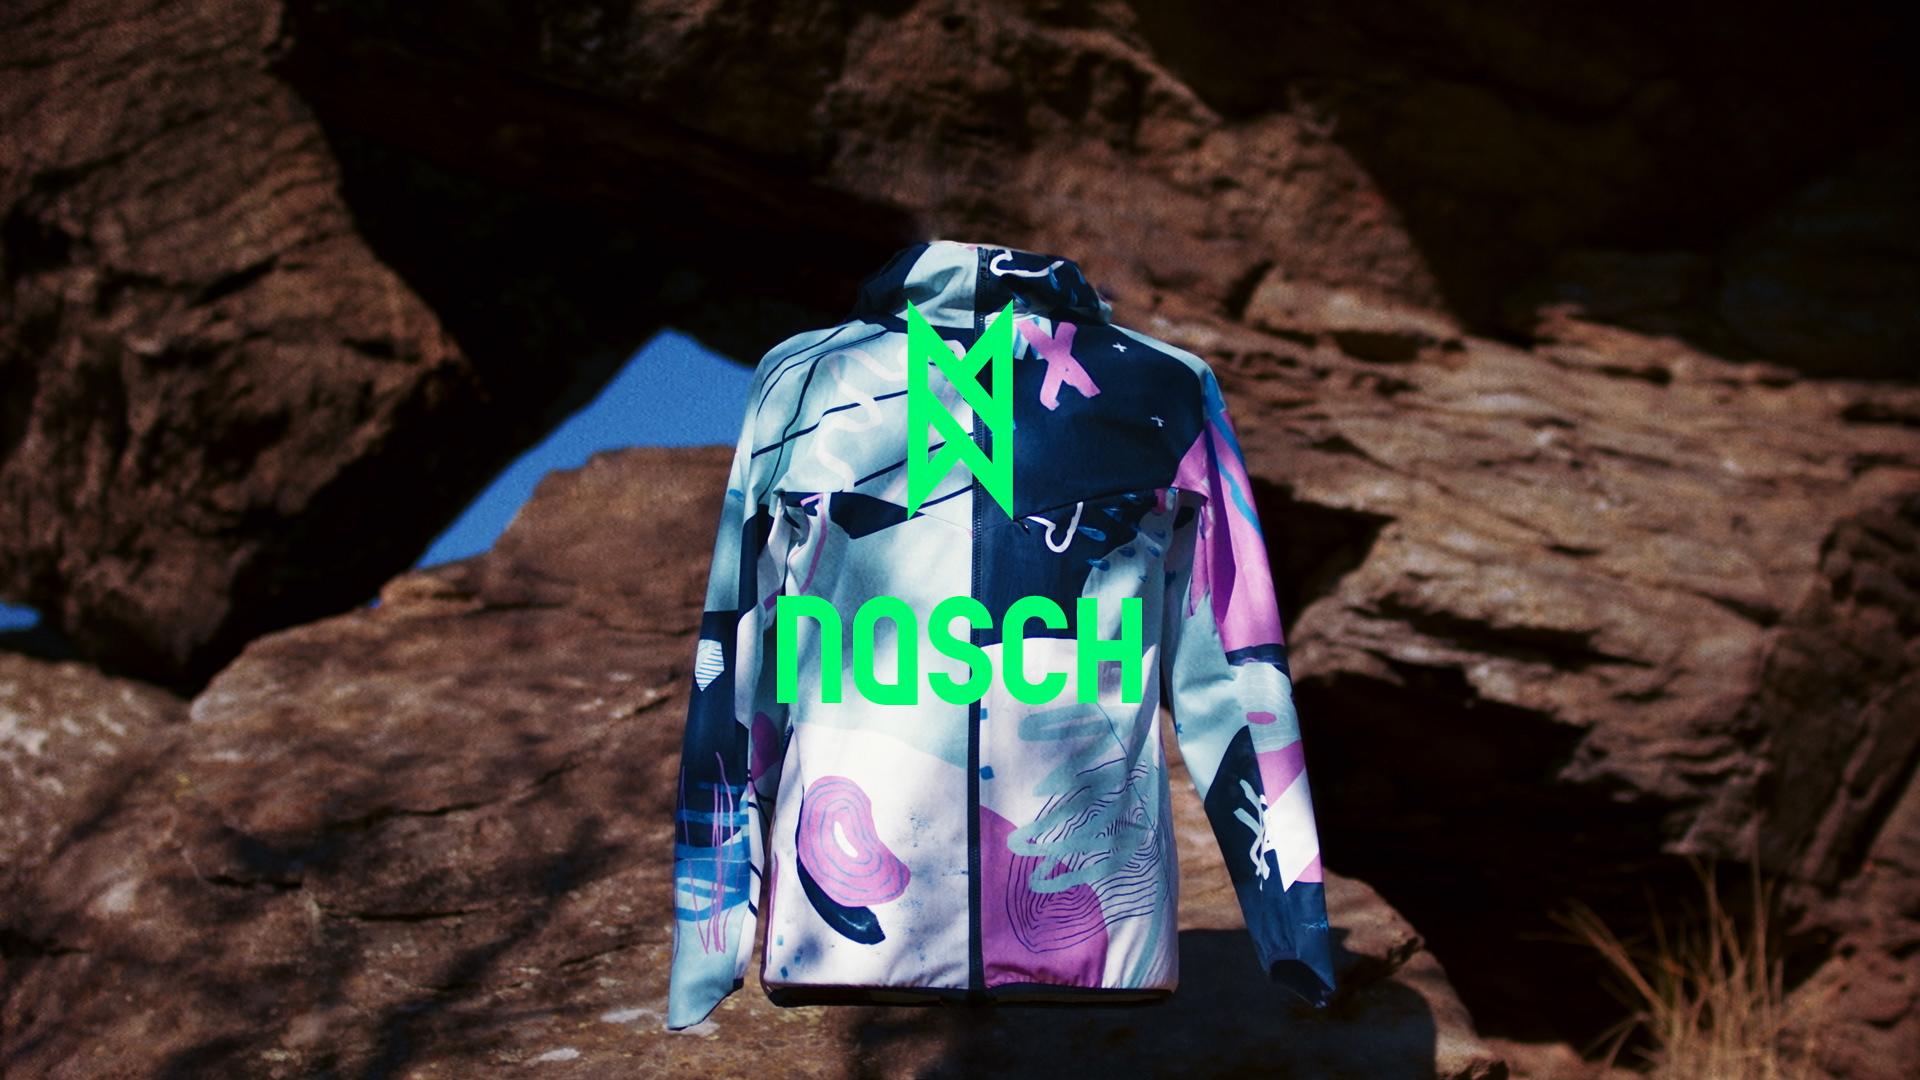 NASCH Sportswear | Nadine Schratzberger aus Wien | Crowdfunding auf Kickstarter | Funktionsjacke / Sportkleidung | GROSS∆RTIG